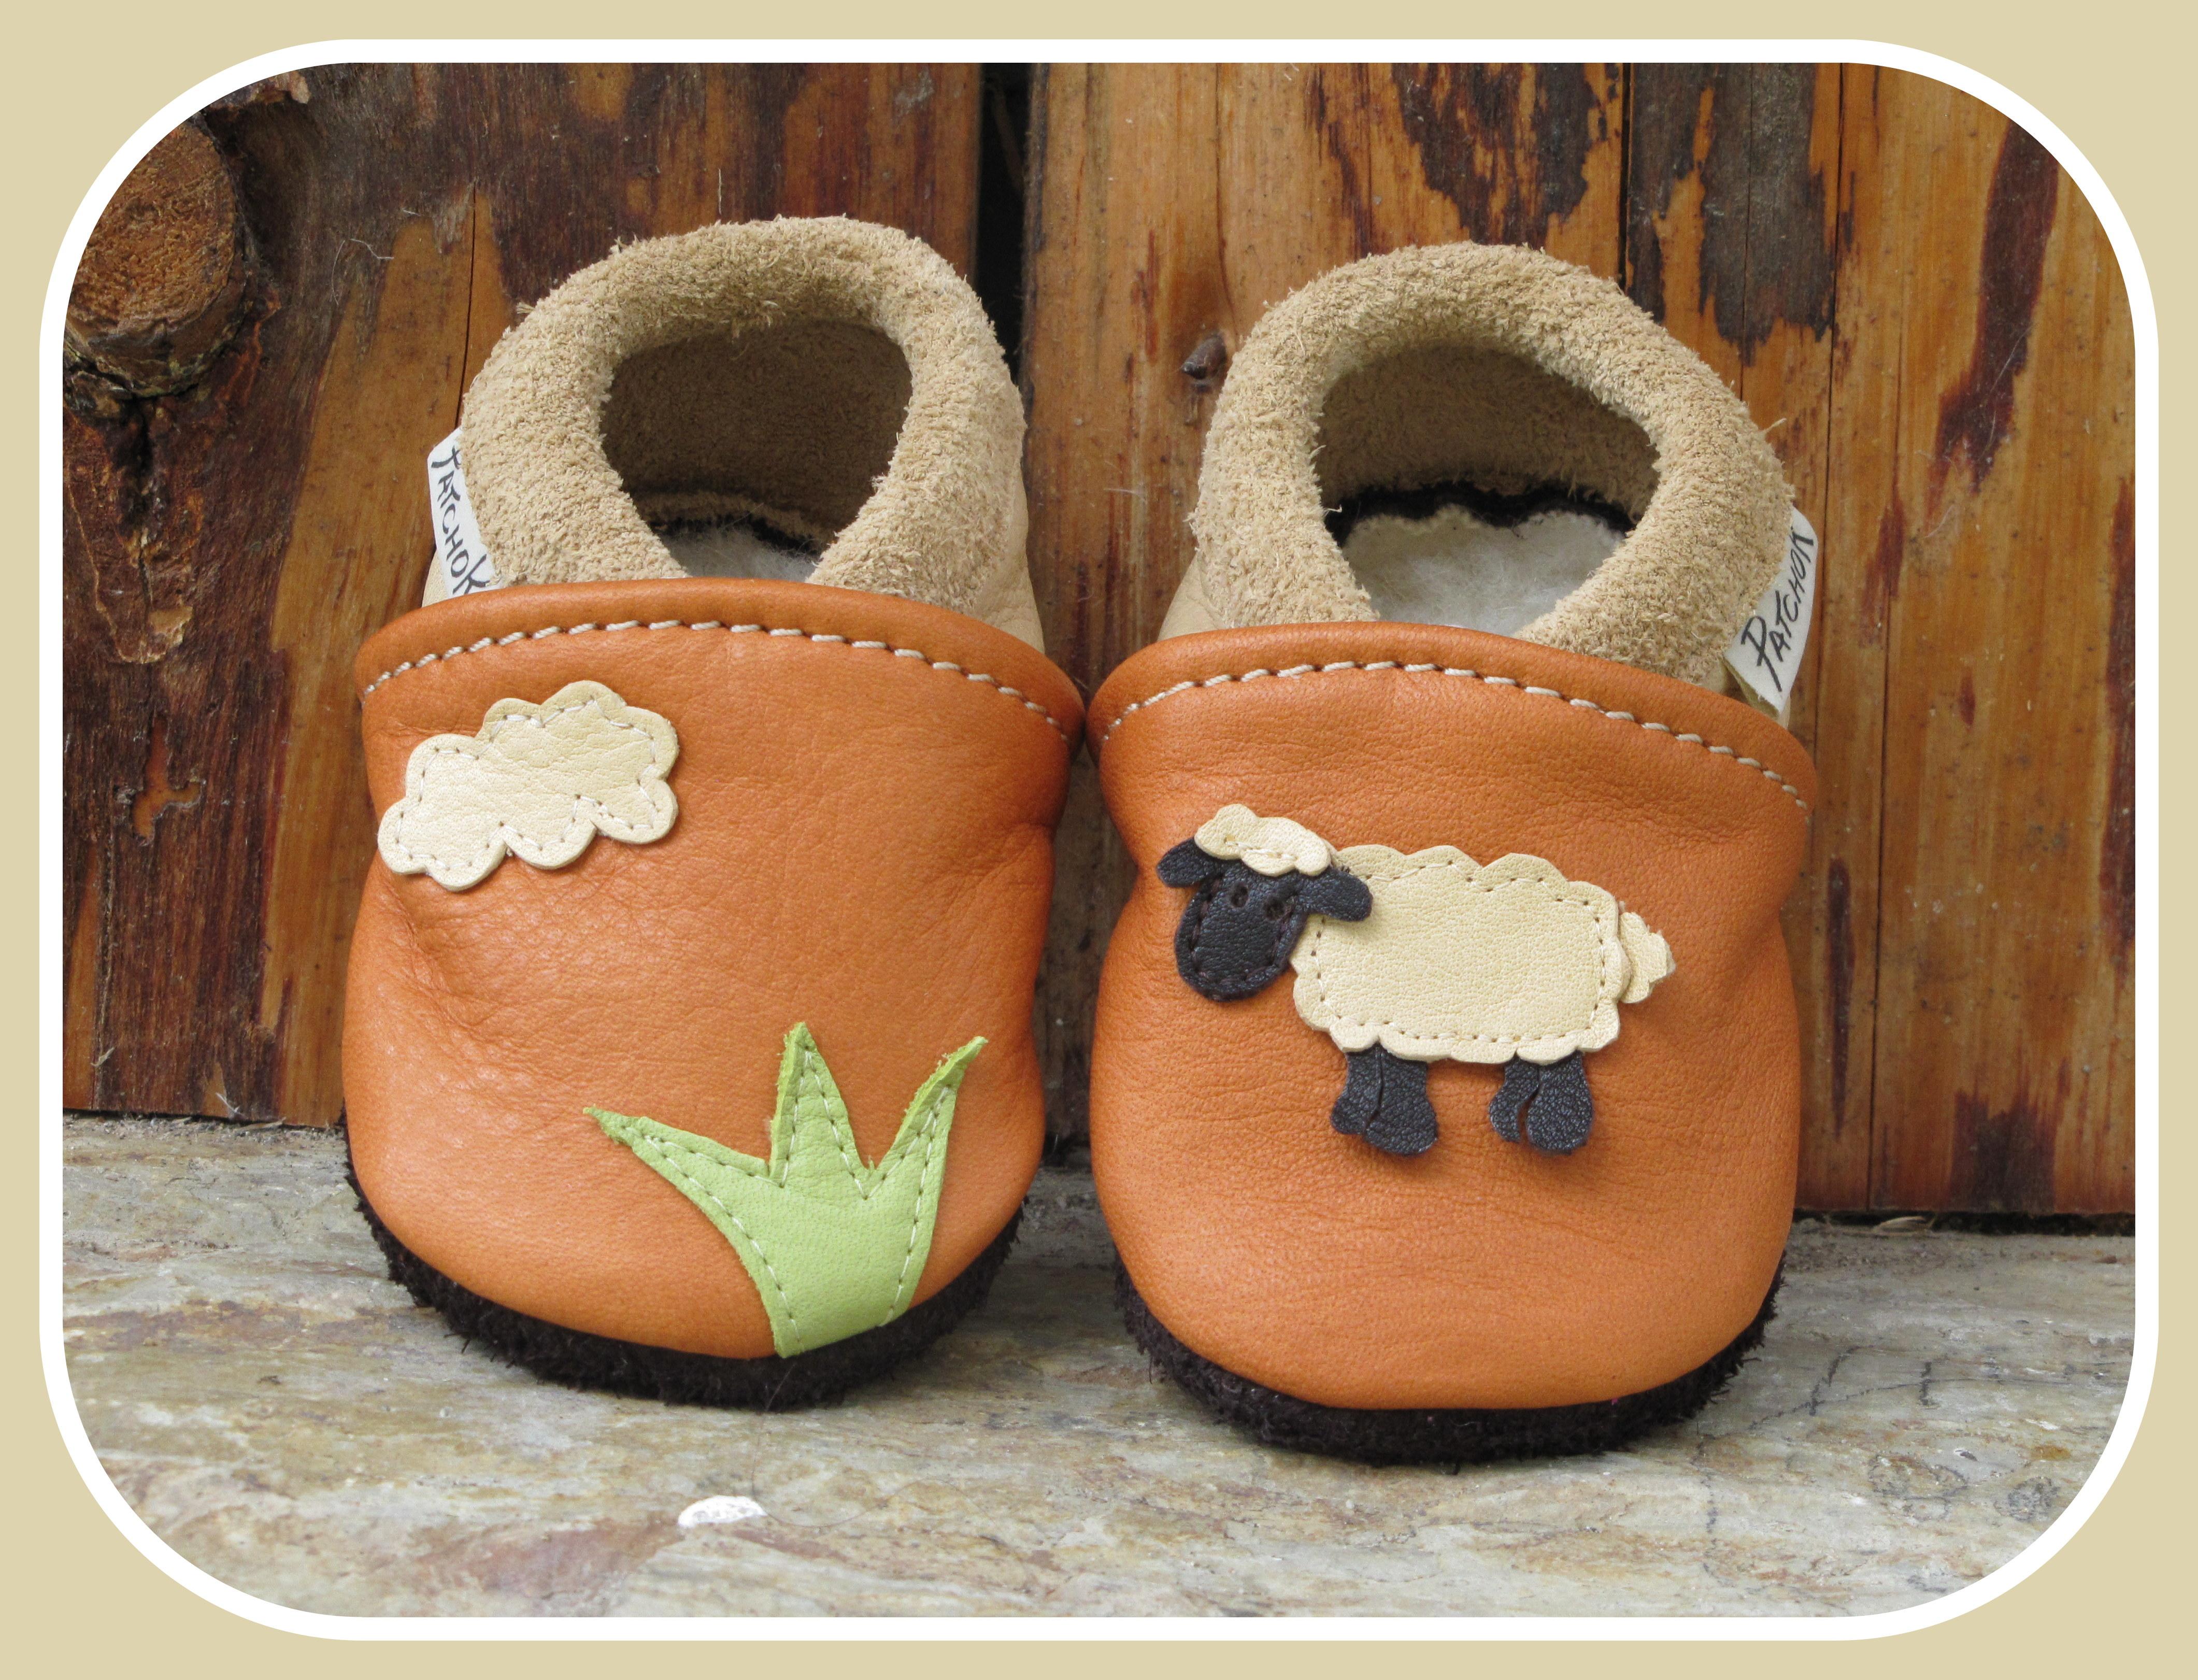 Chaussons personnalisés pour bébé, en cuir souple